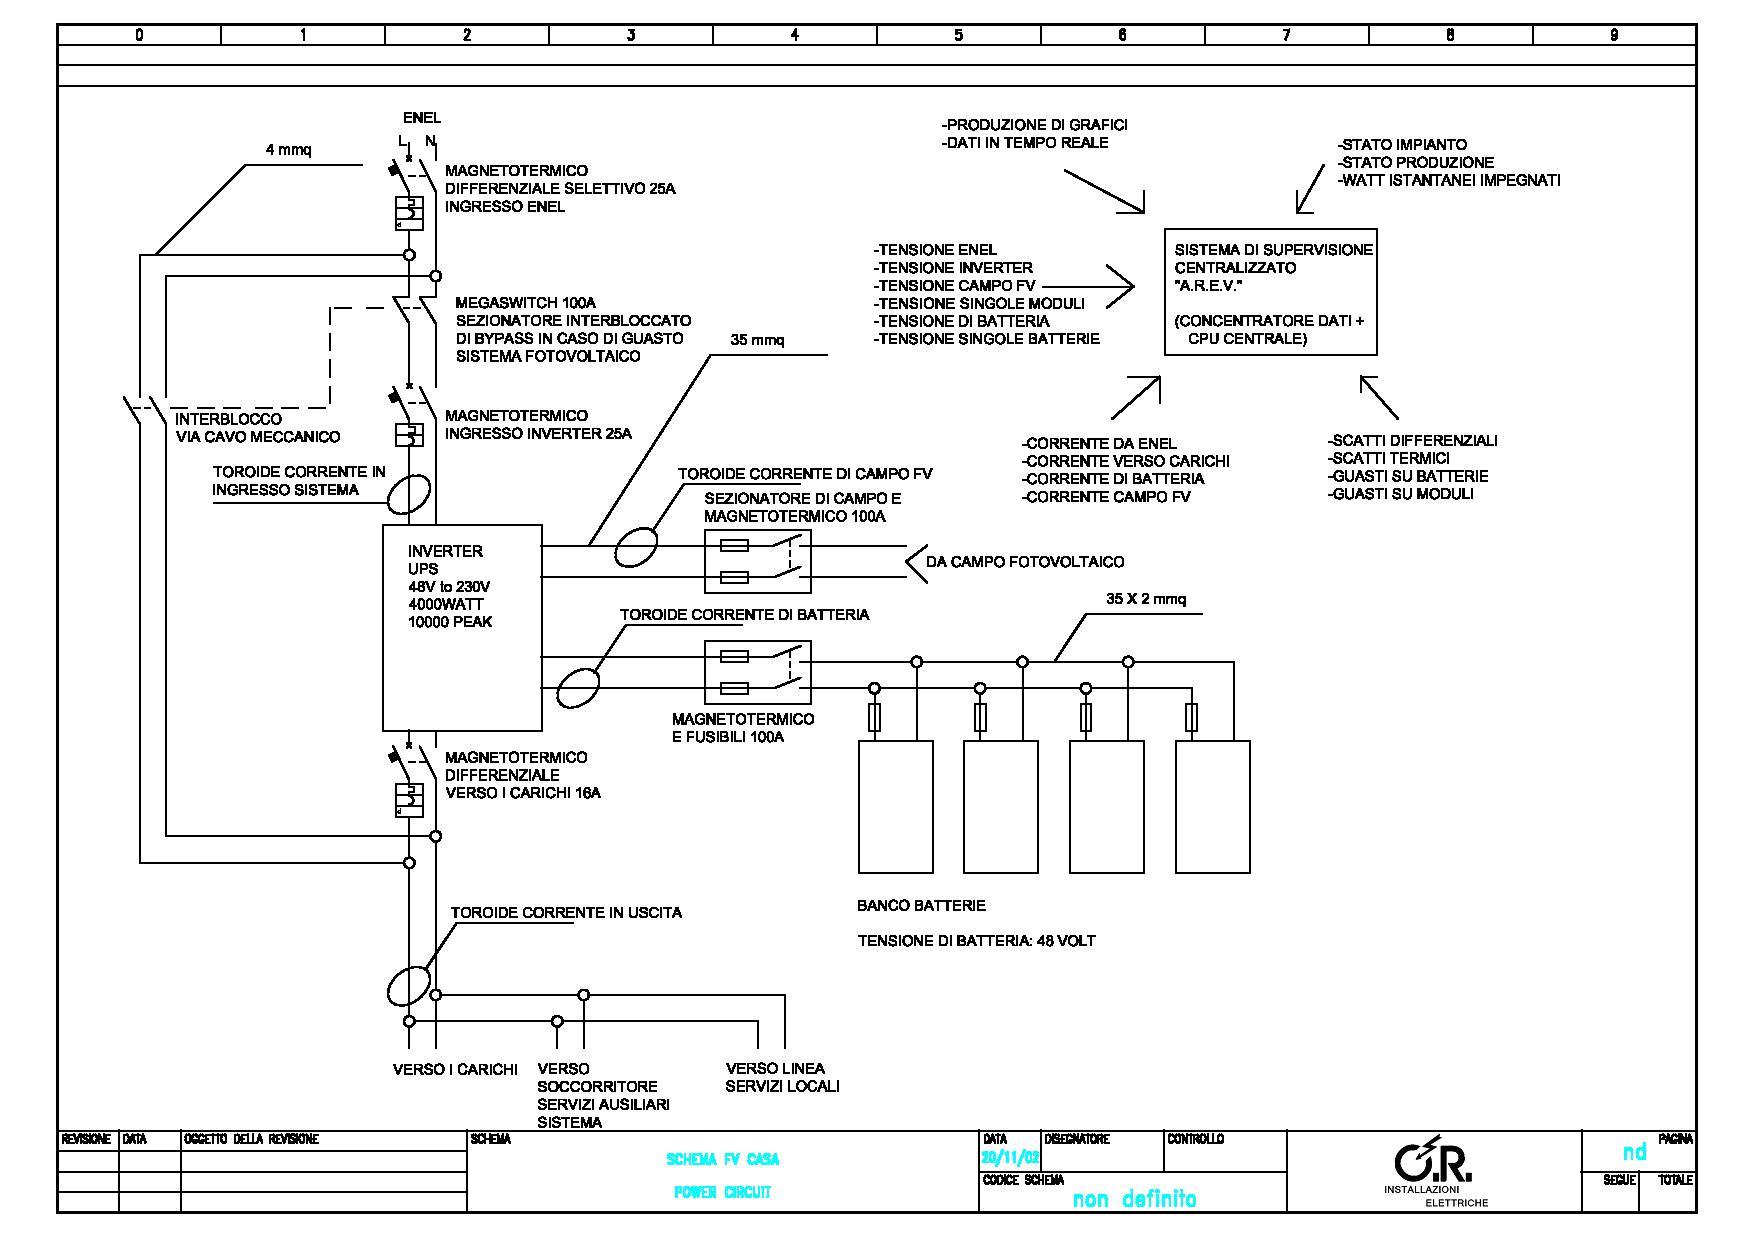 Schema Elettrico Unifilare Impianto Fotovoltaico : Progettino impianto fotovoltaico pagina solare